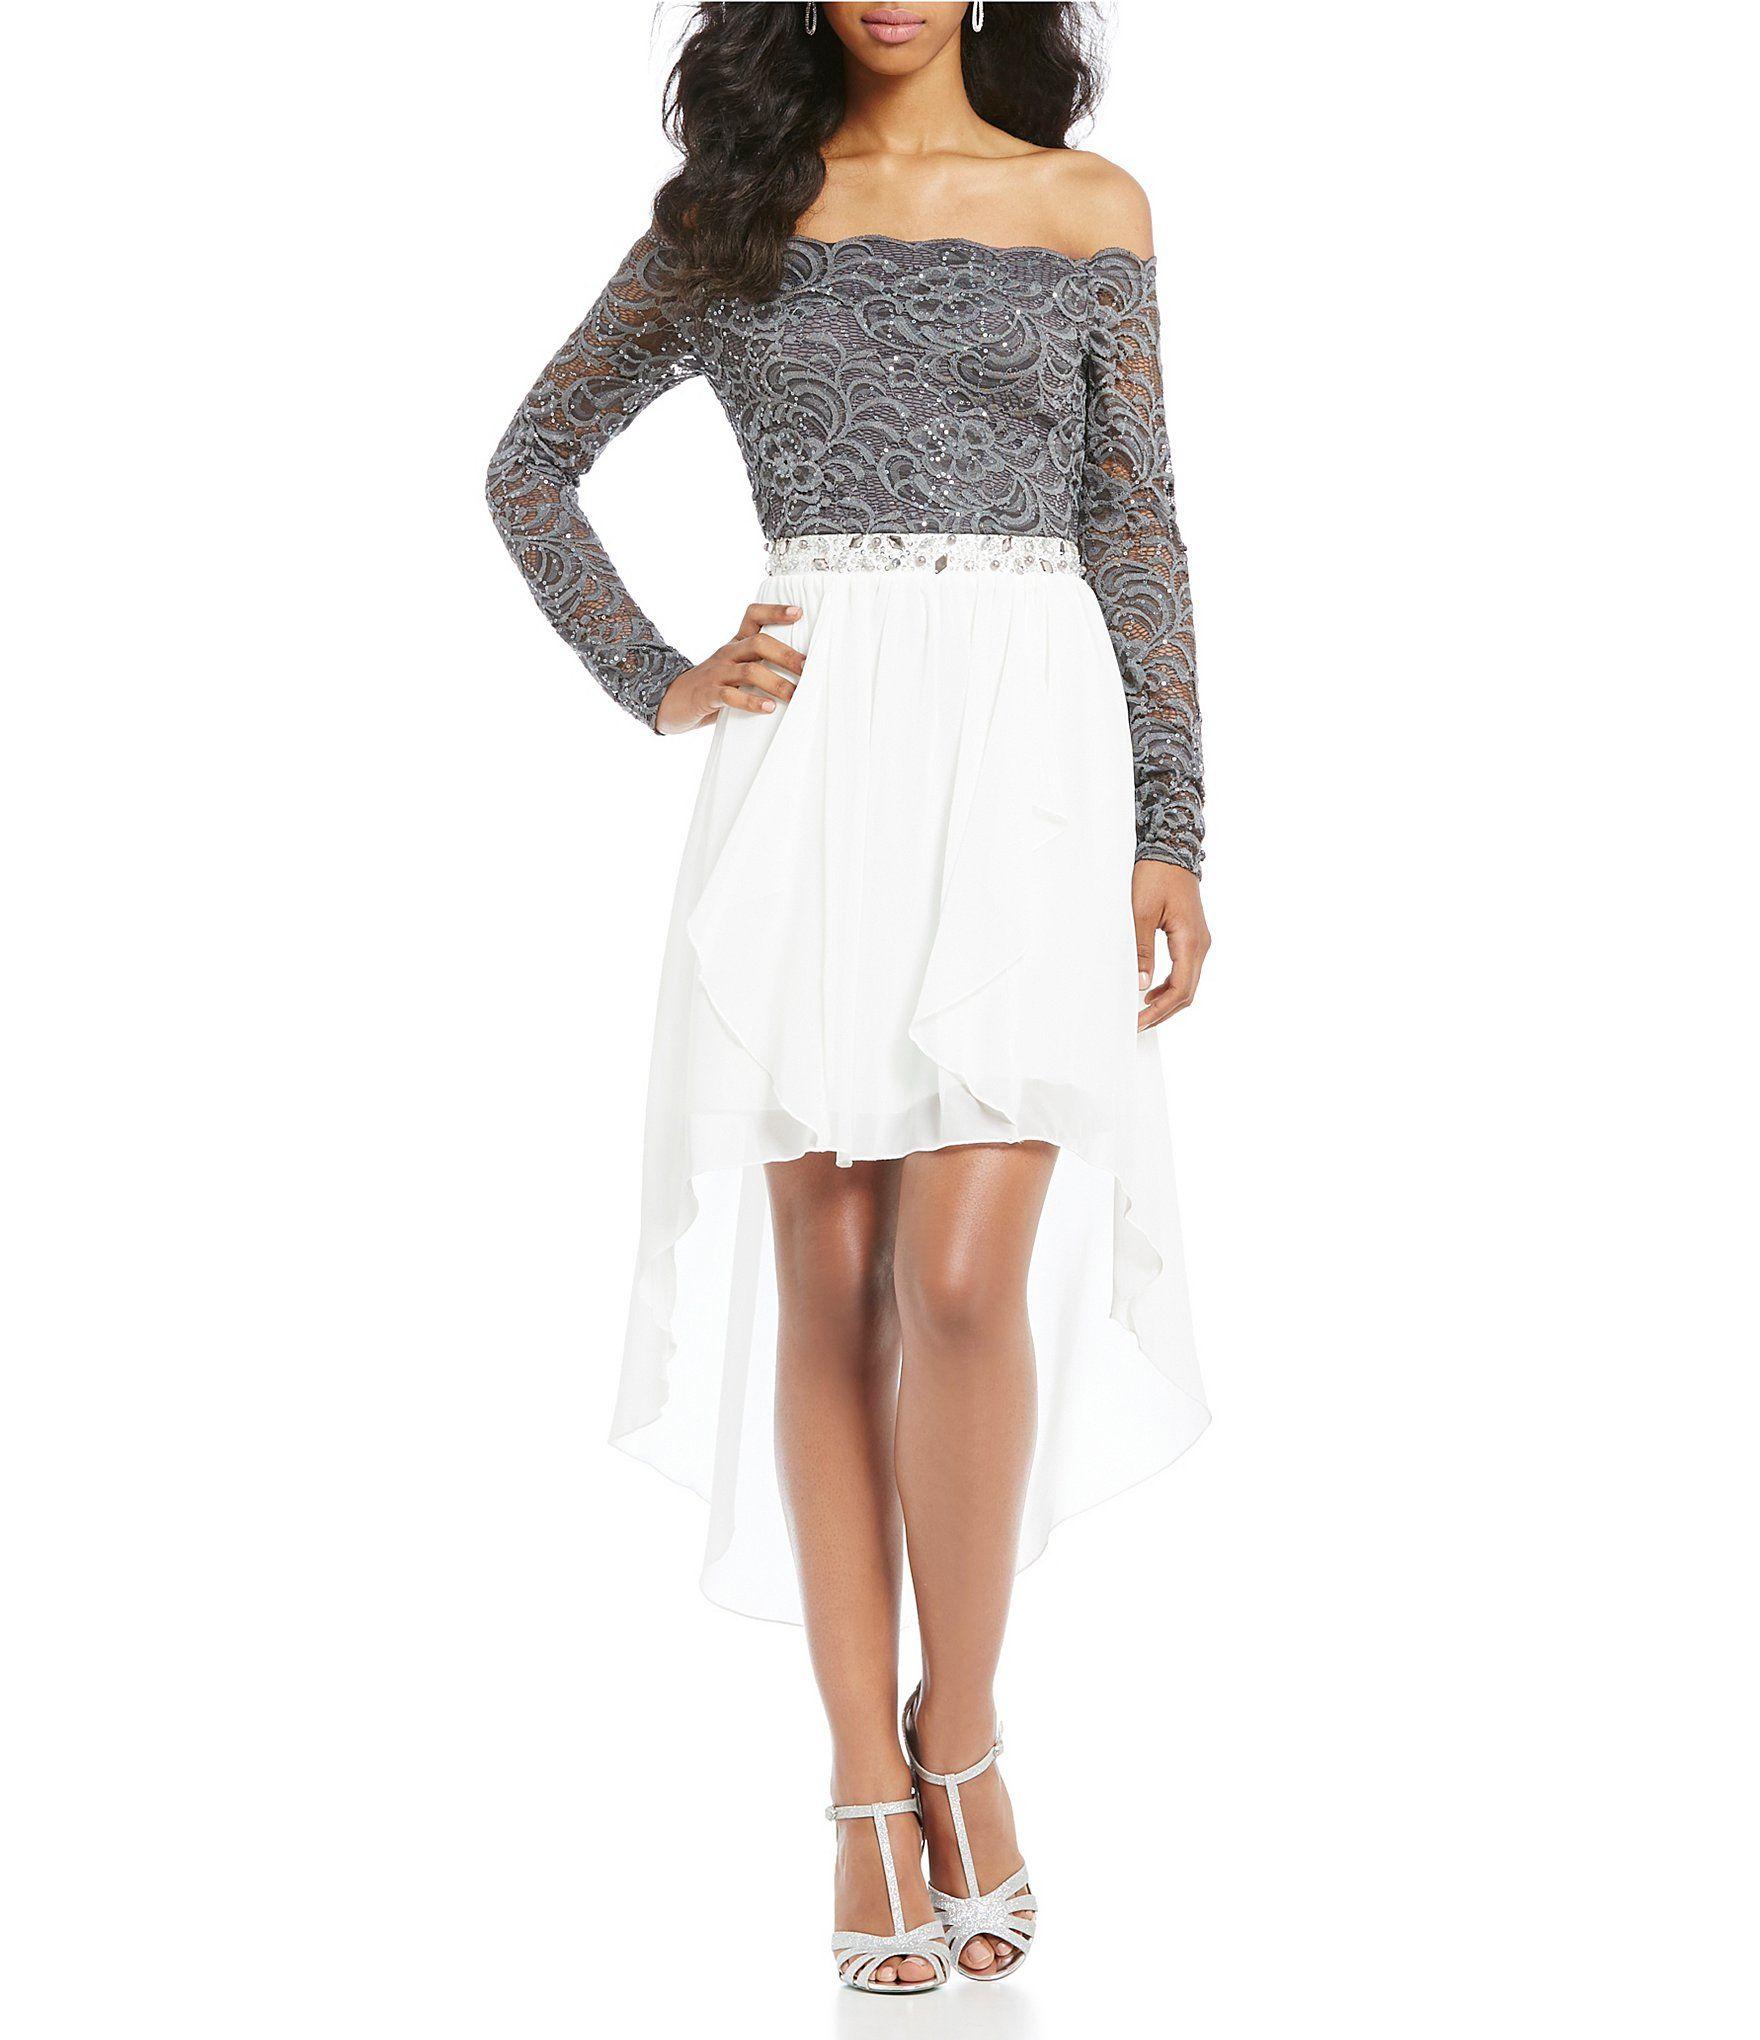 7684286c433 Shop for Jodi Kristopher Off the Shoulder High-Low Dress at Dillards.com.  Visit Dillards.com to find clothing